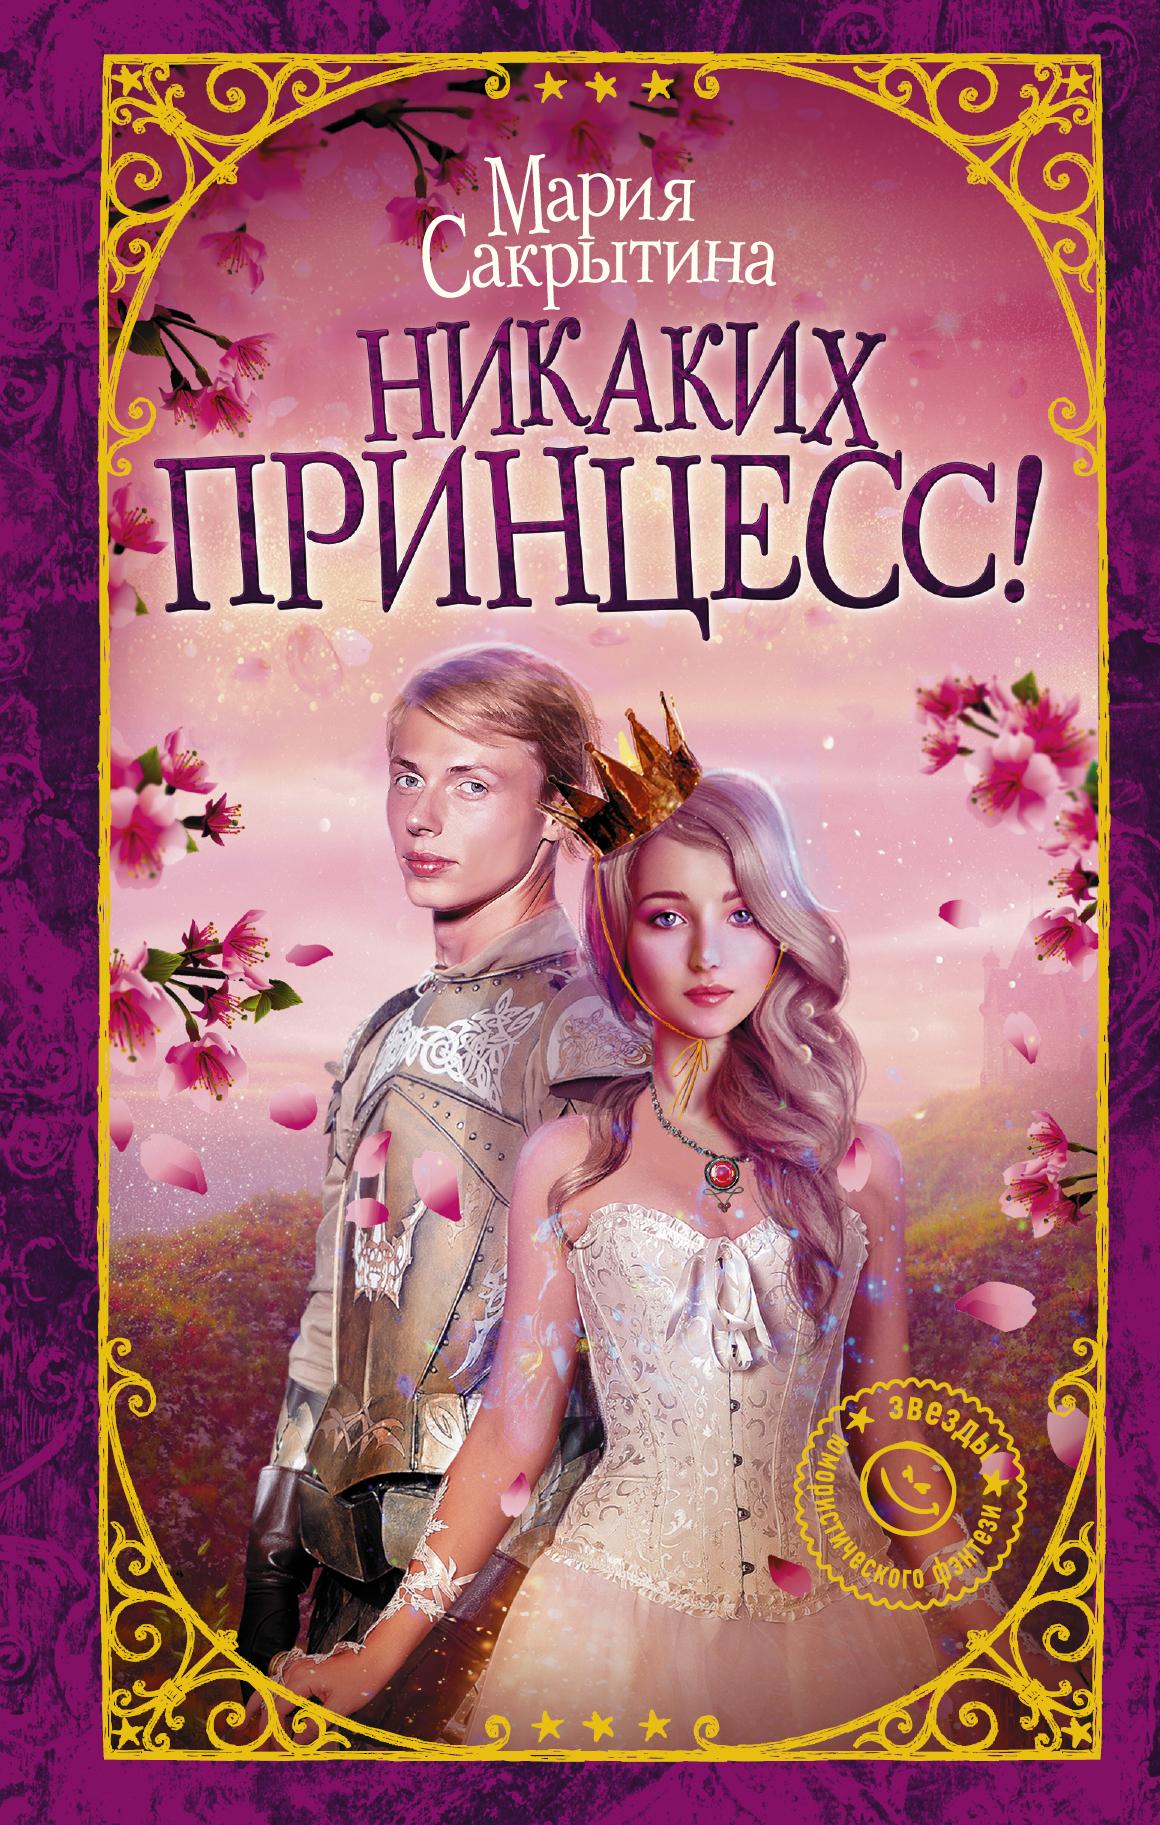 Никаких принцесс! | Сакрытина Мария Николаевна